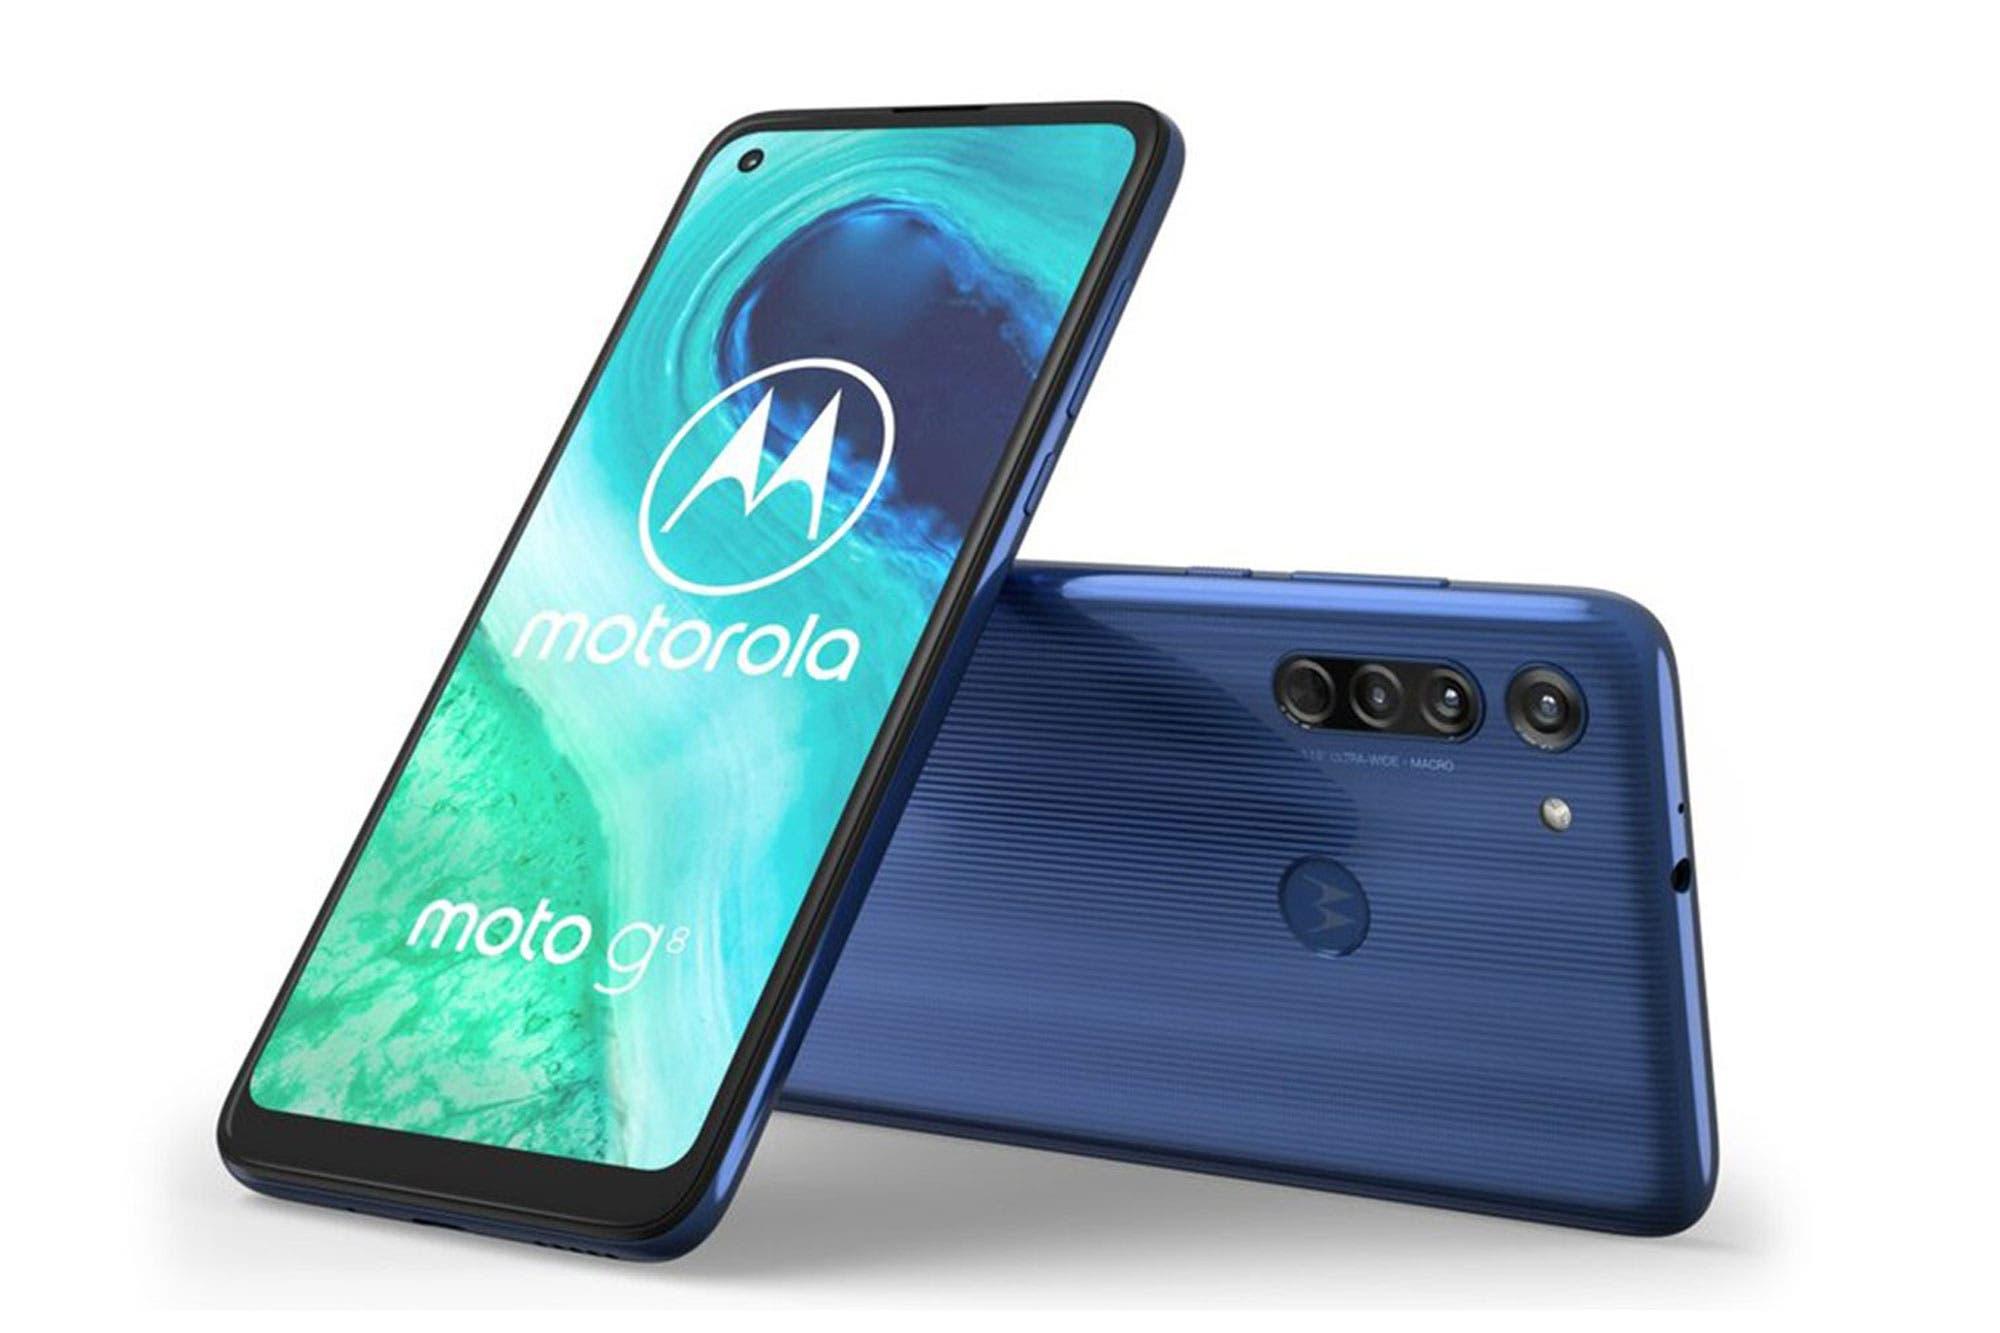 Motorola anunció el lanzamiento en la Argentina de los teléfonos Moto G8 y Moto G8 Power